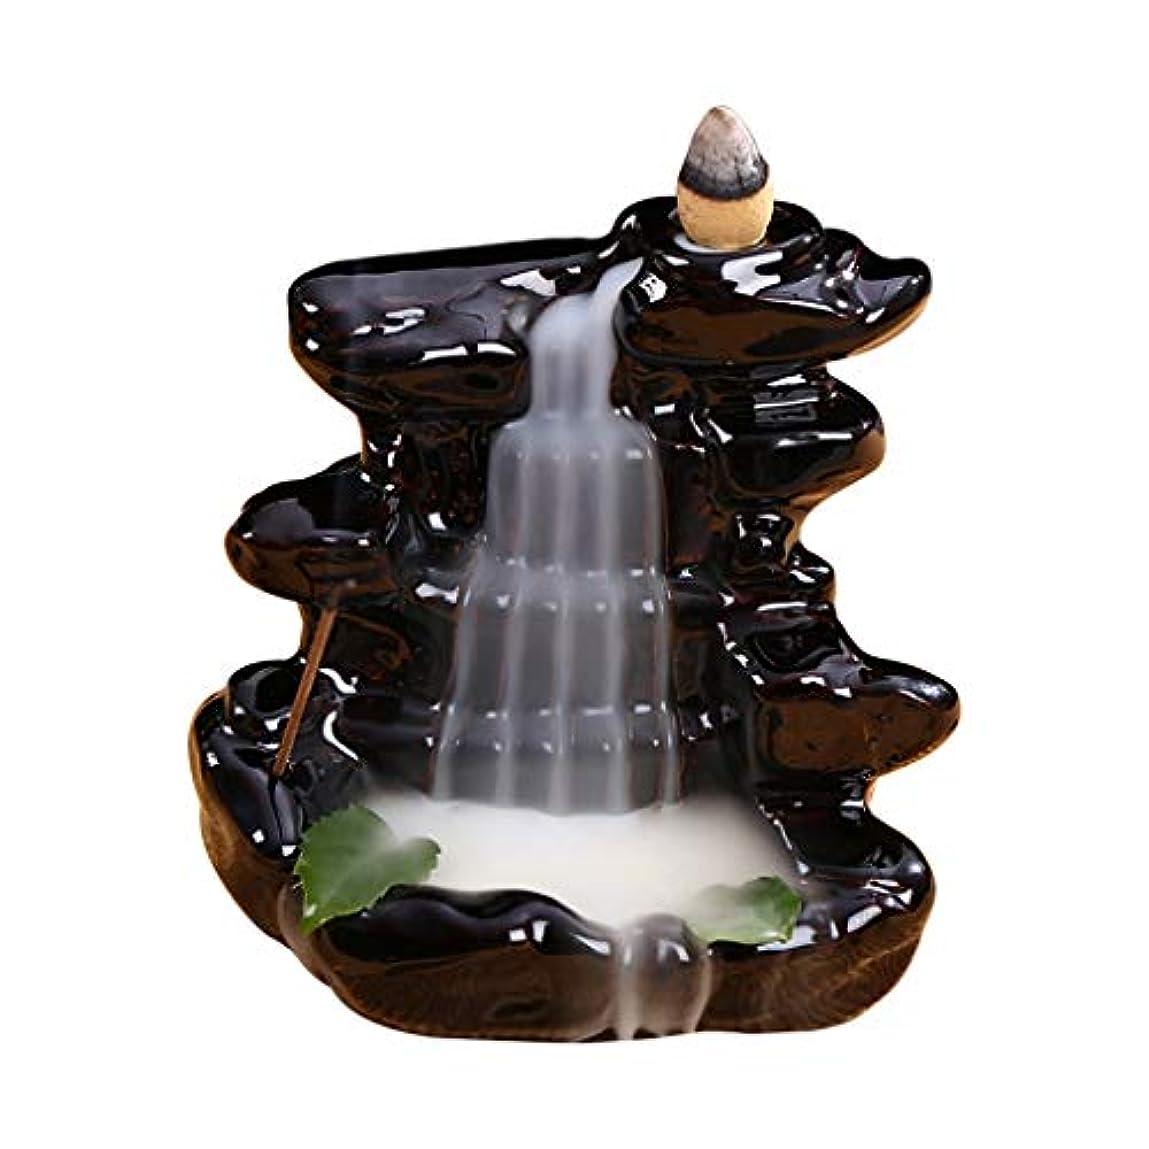 政治的テセウス皿渓流セラミック香炉バックフロー滝香ホルダーホーム香り装飾香スティックコーンバーナーホルダー (Color : Black, サイズ : 4.33*4.44 inches)